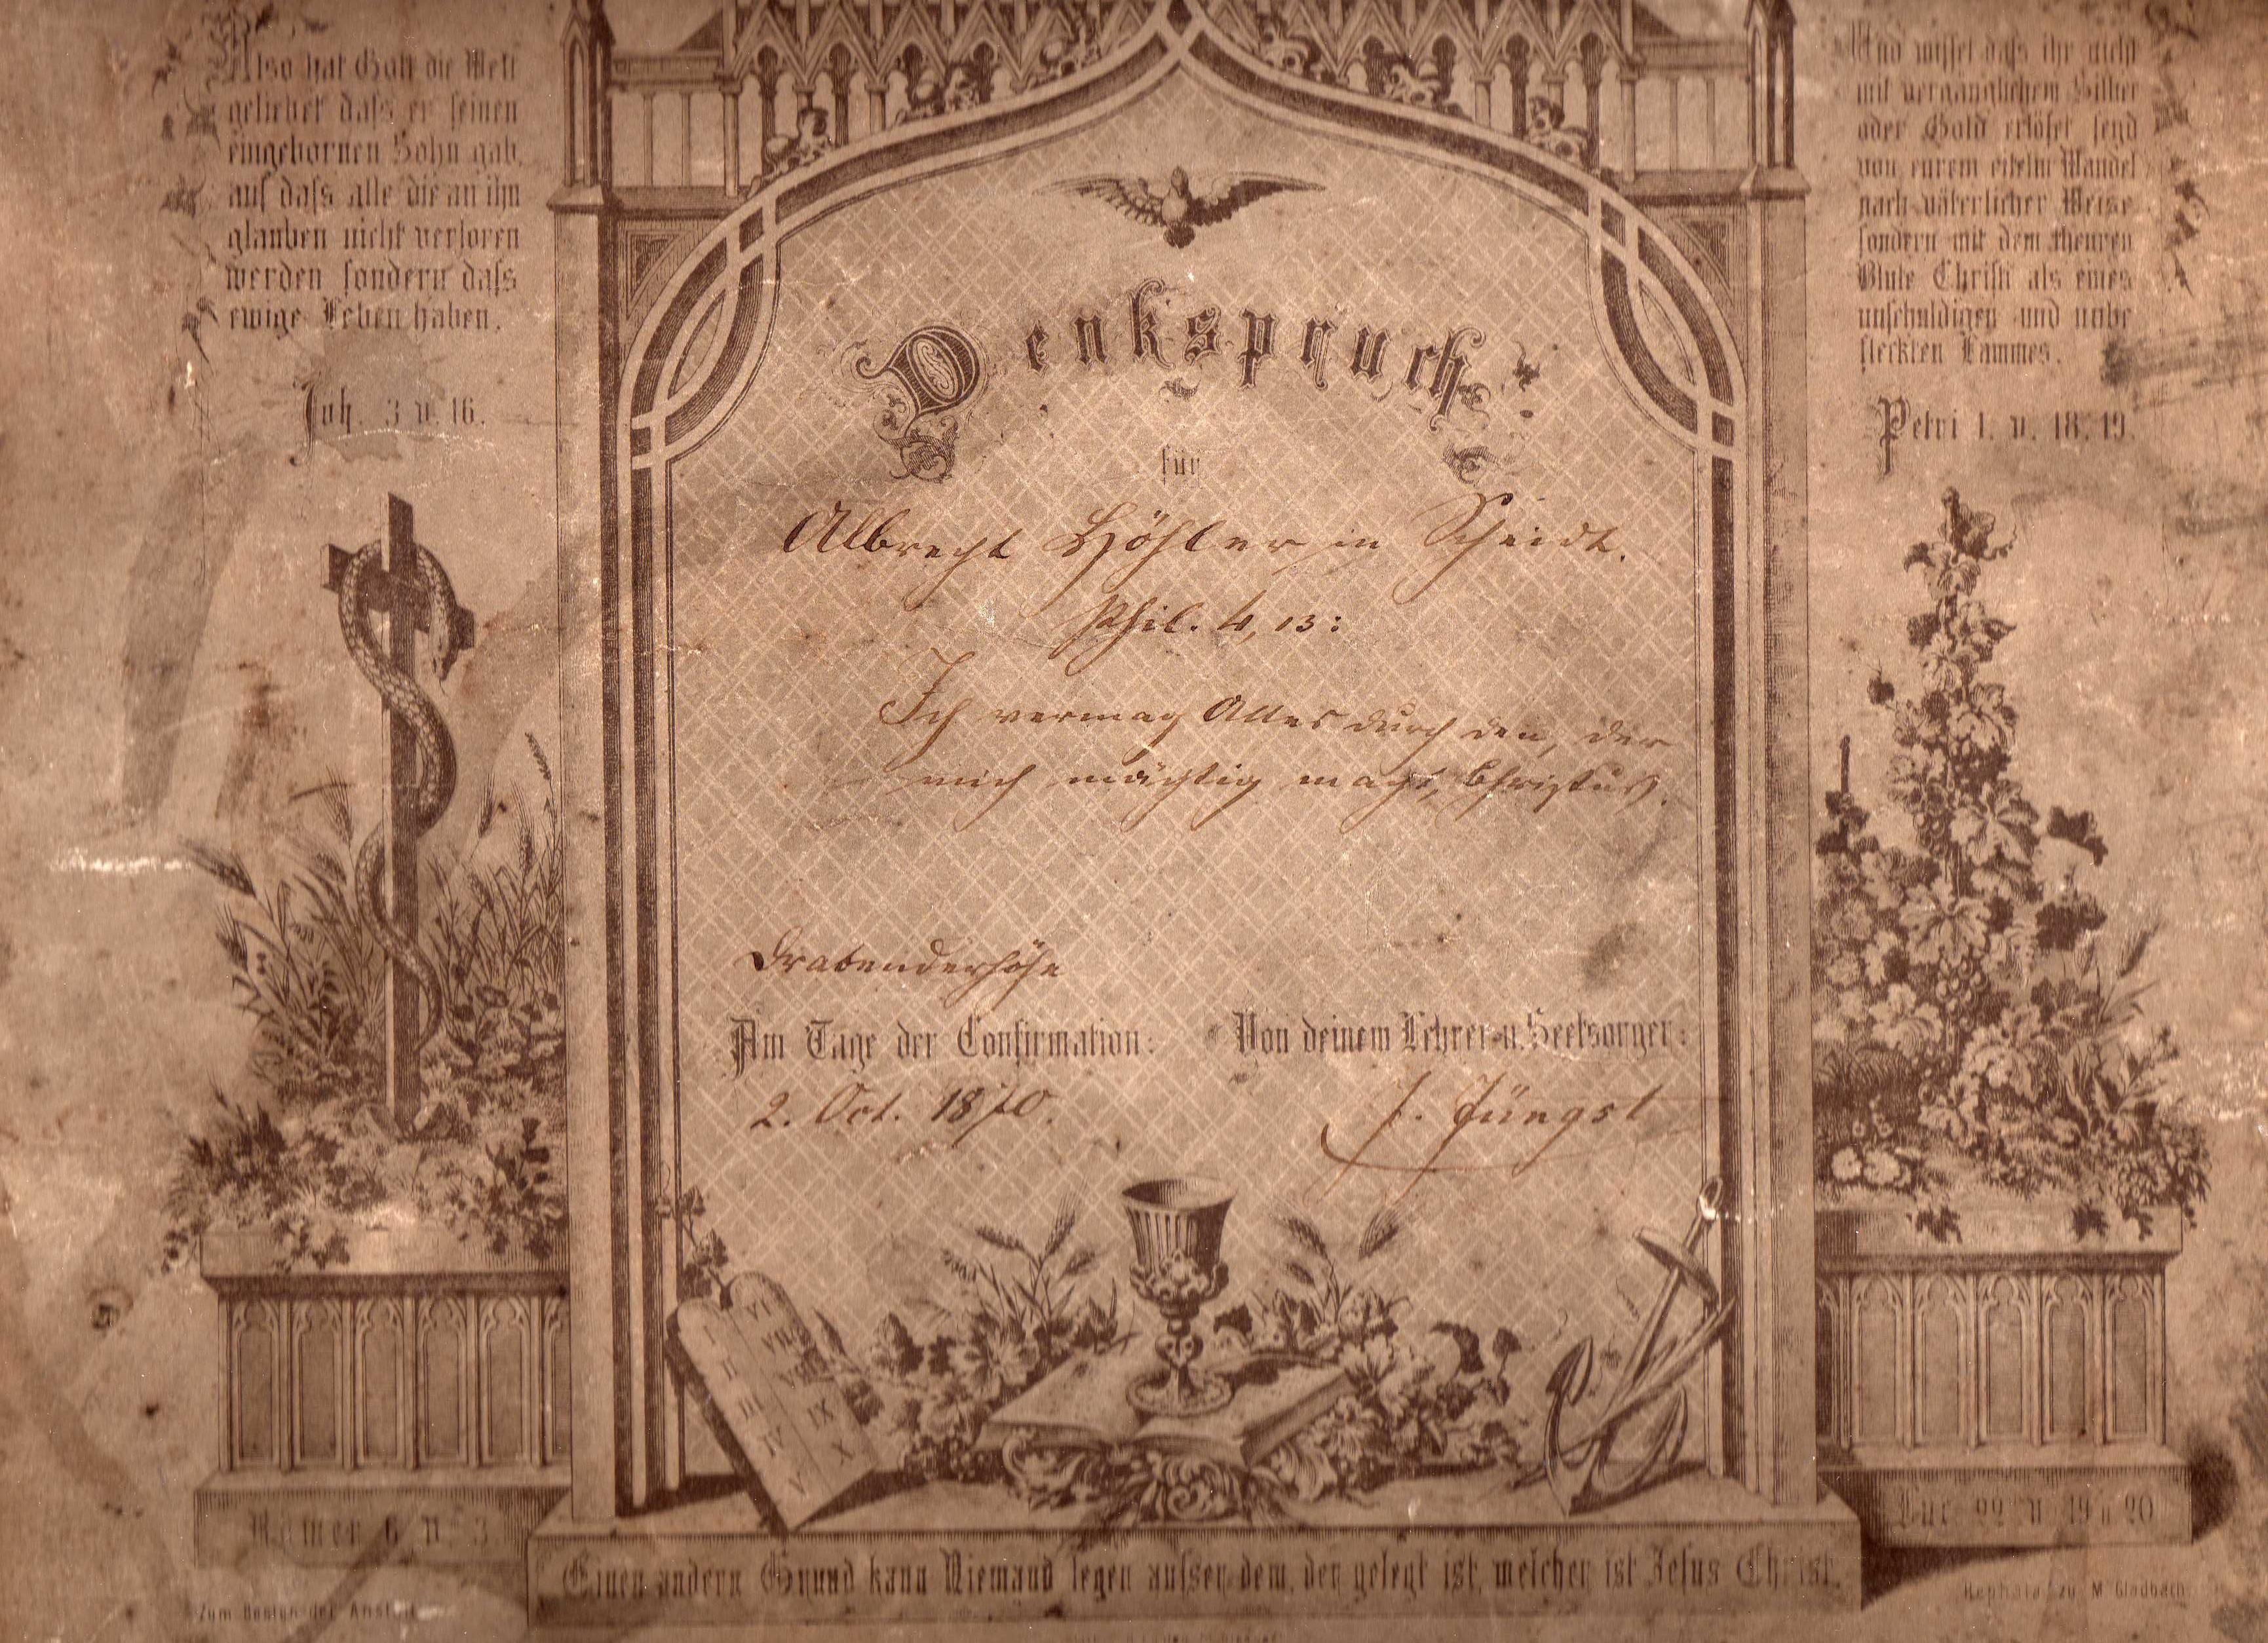 Denkspruch Zur Konfirmation 1870 (Albrecht Höhler)